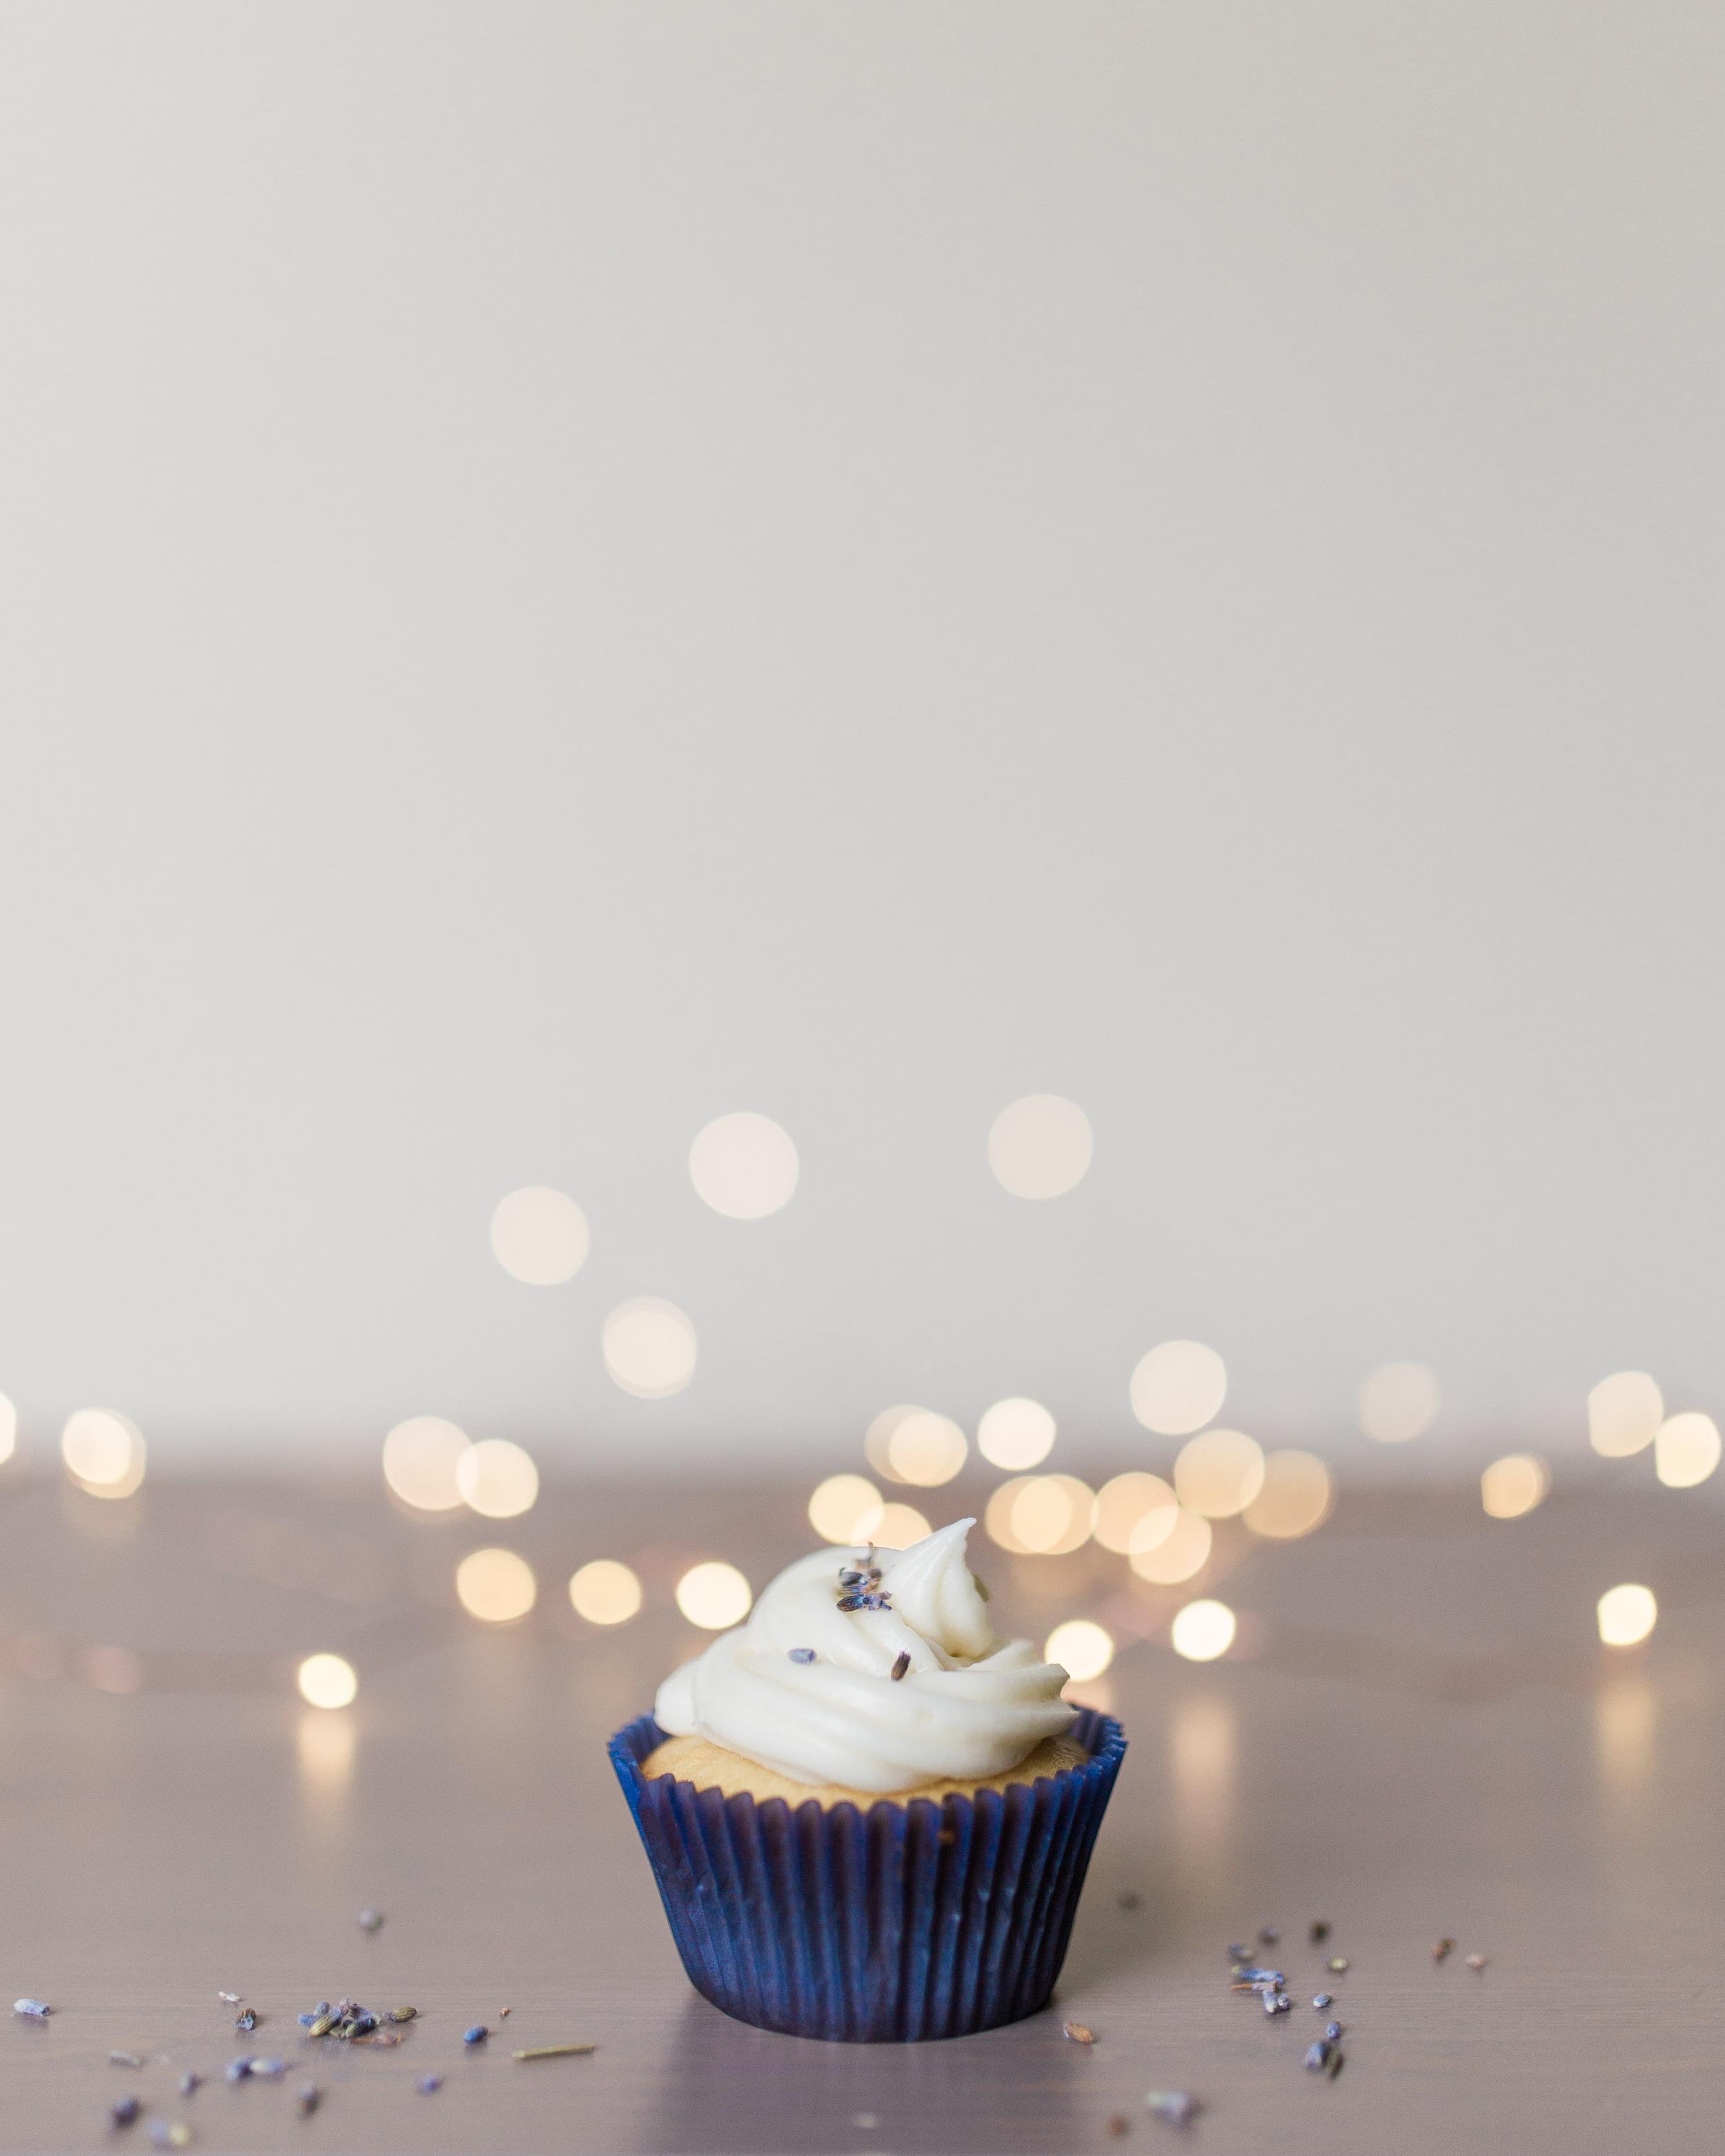 cupcakes + bokeh  ♡